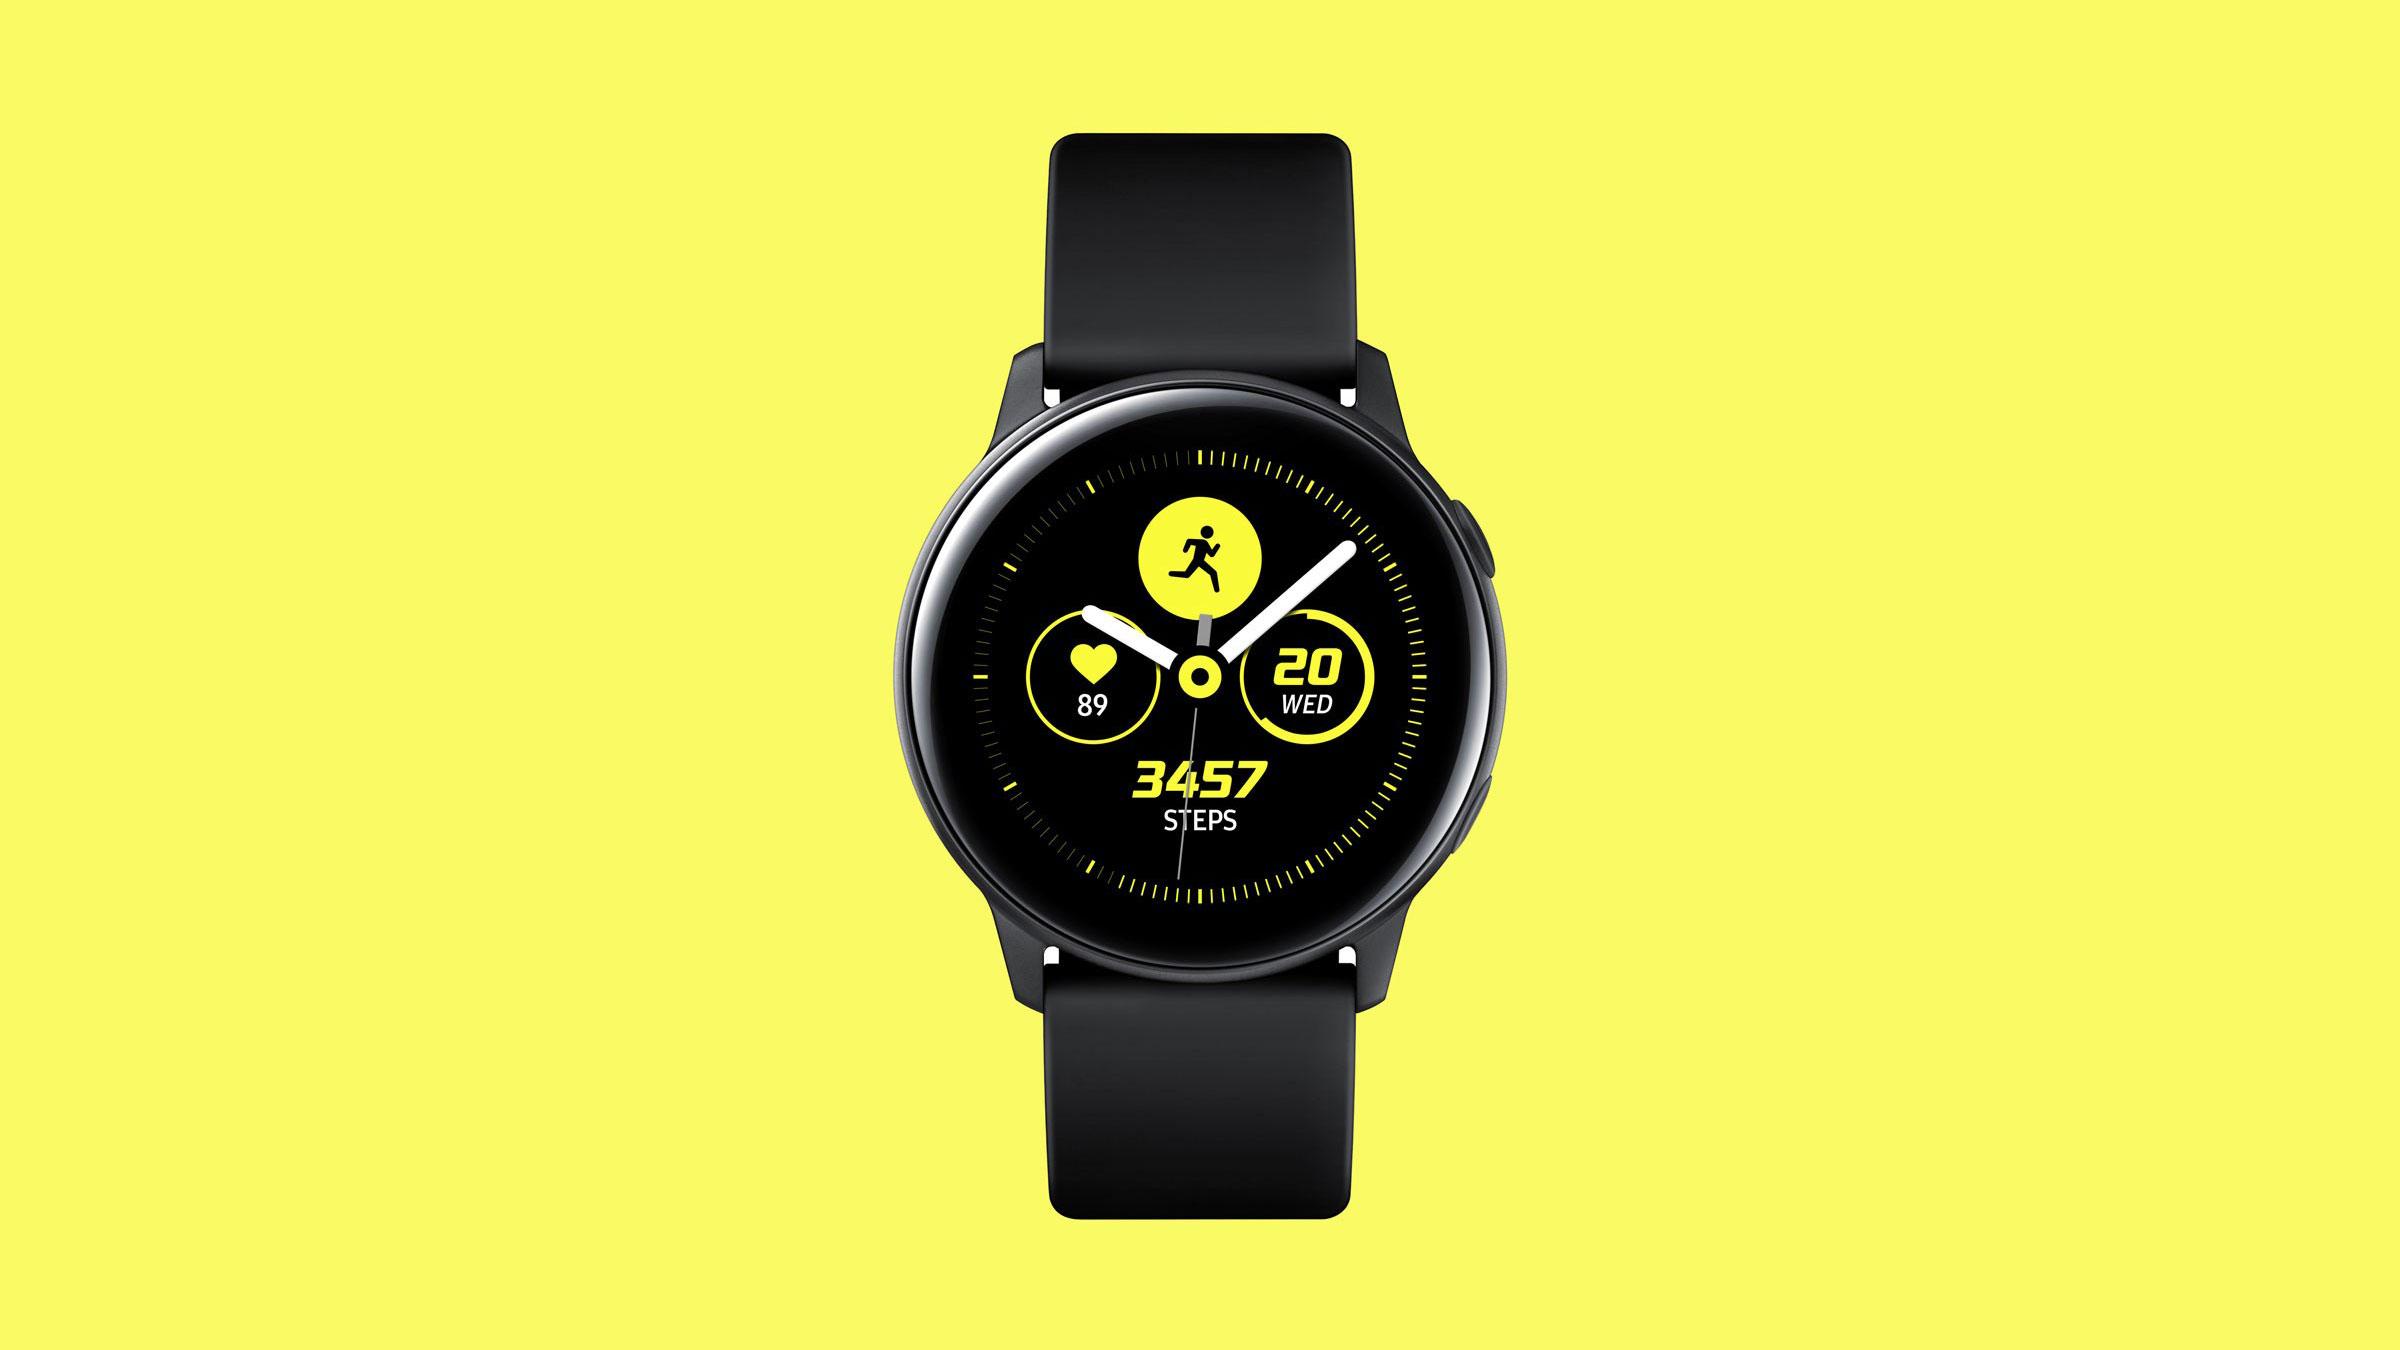 ساعت سامسونگ گلکسی واچ ۲ (Galaxy Watch 2) تغییرات بزرگی خواهد داشت